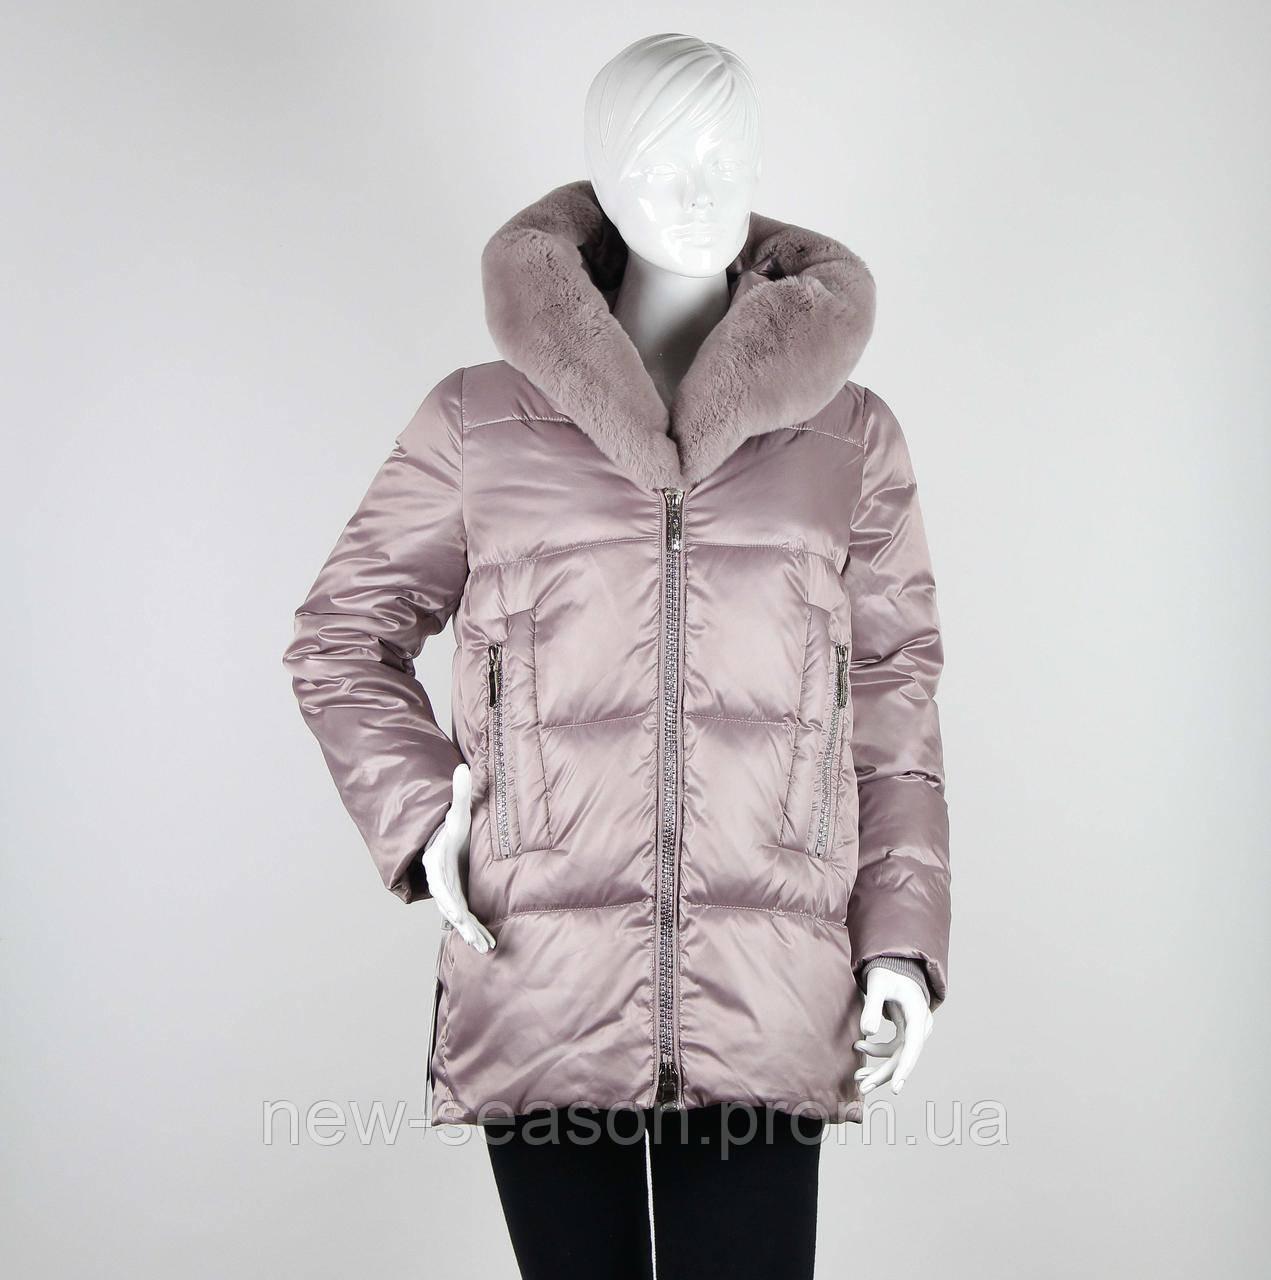 Куртка Batterflei 1932 с мехом бобрика пудра